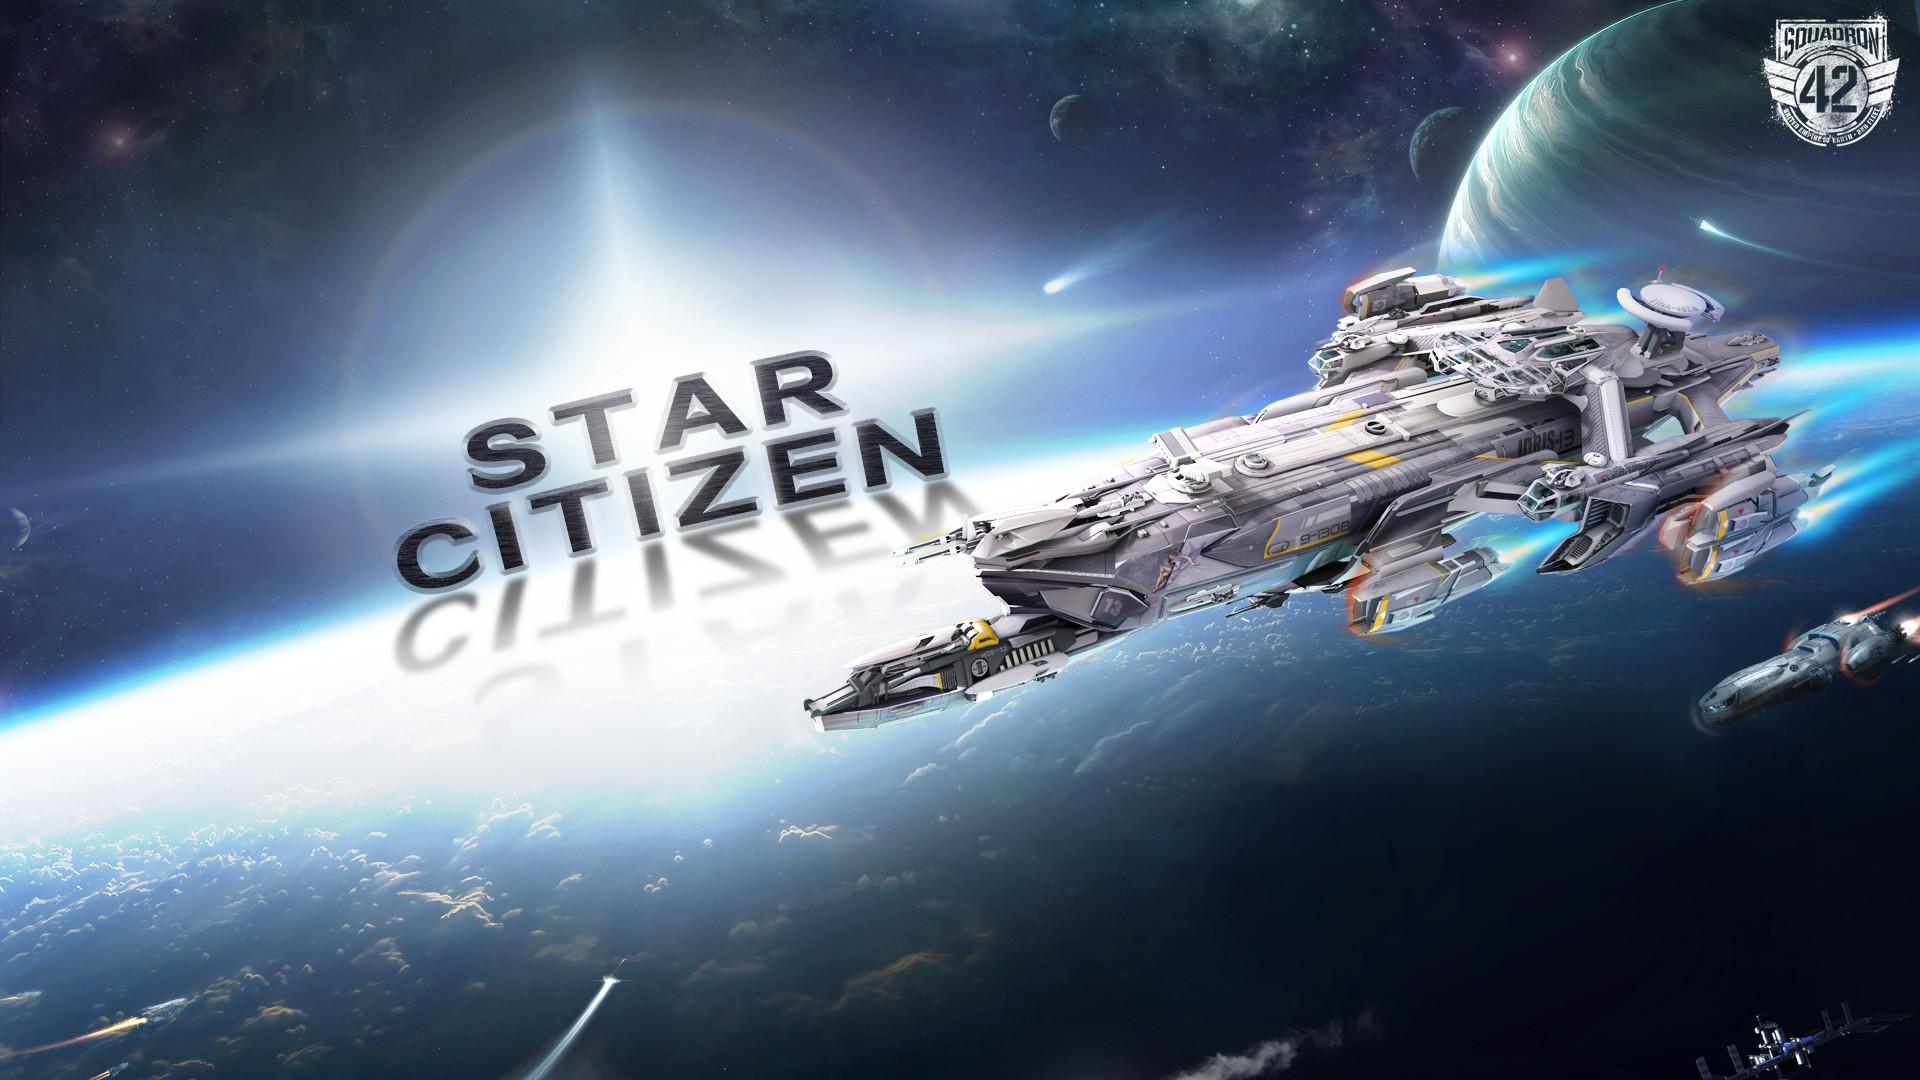 star citizen gratuit